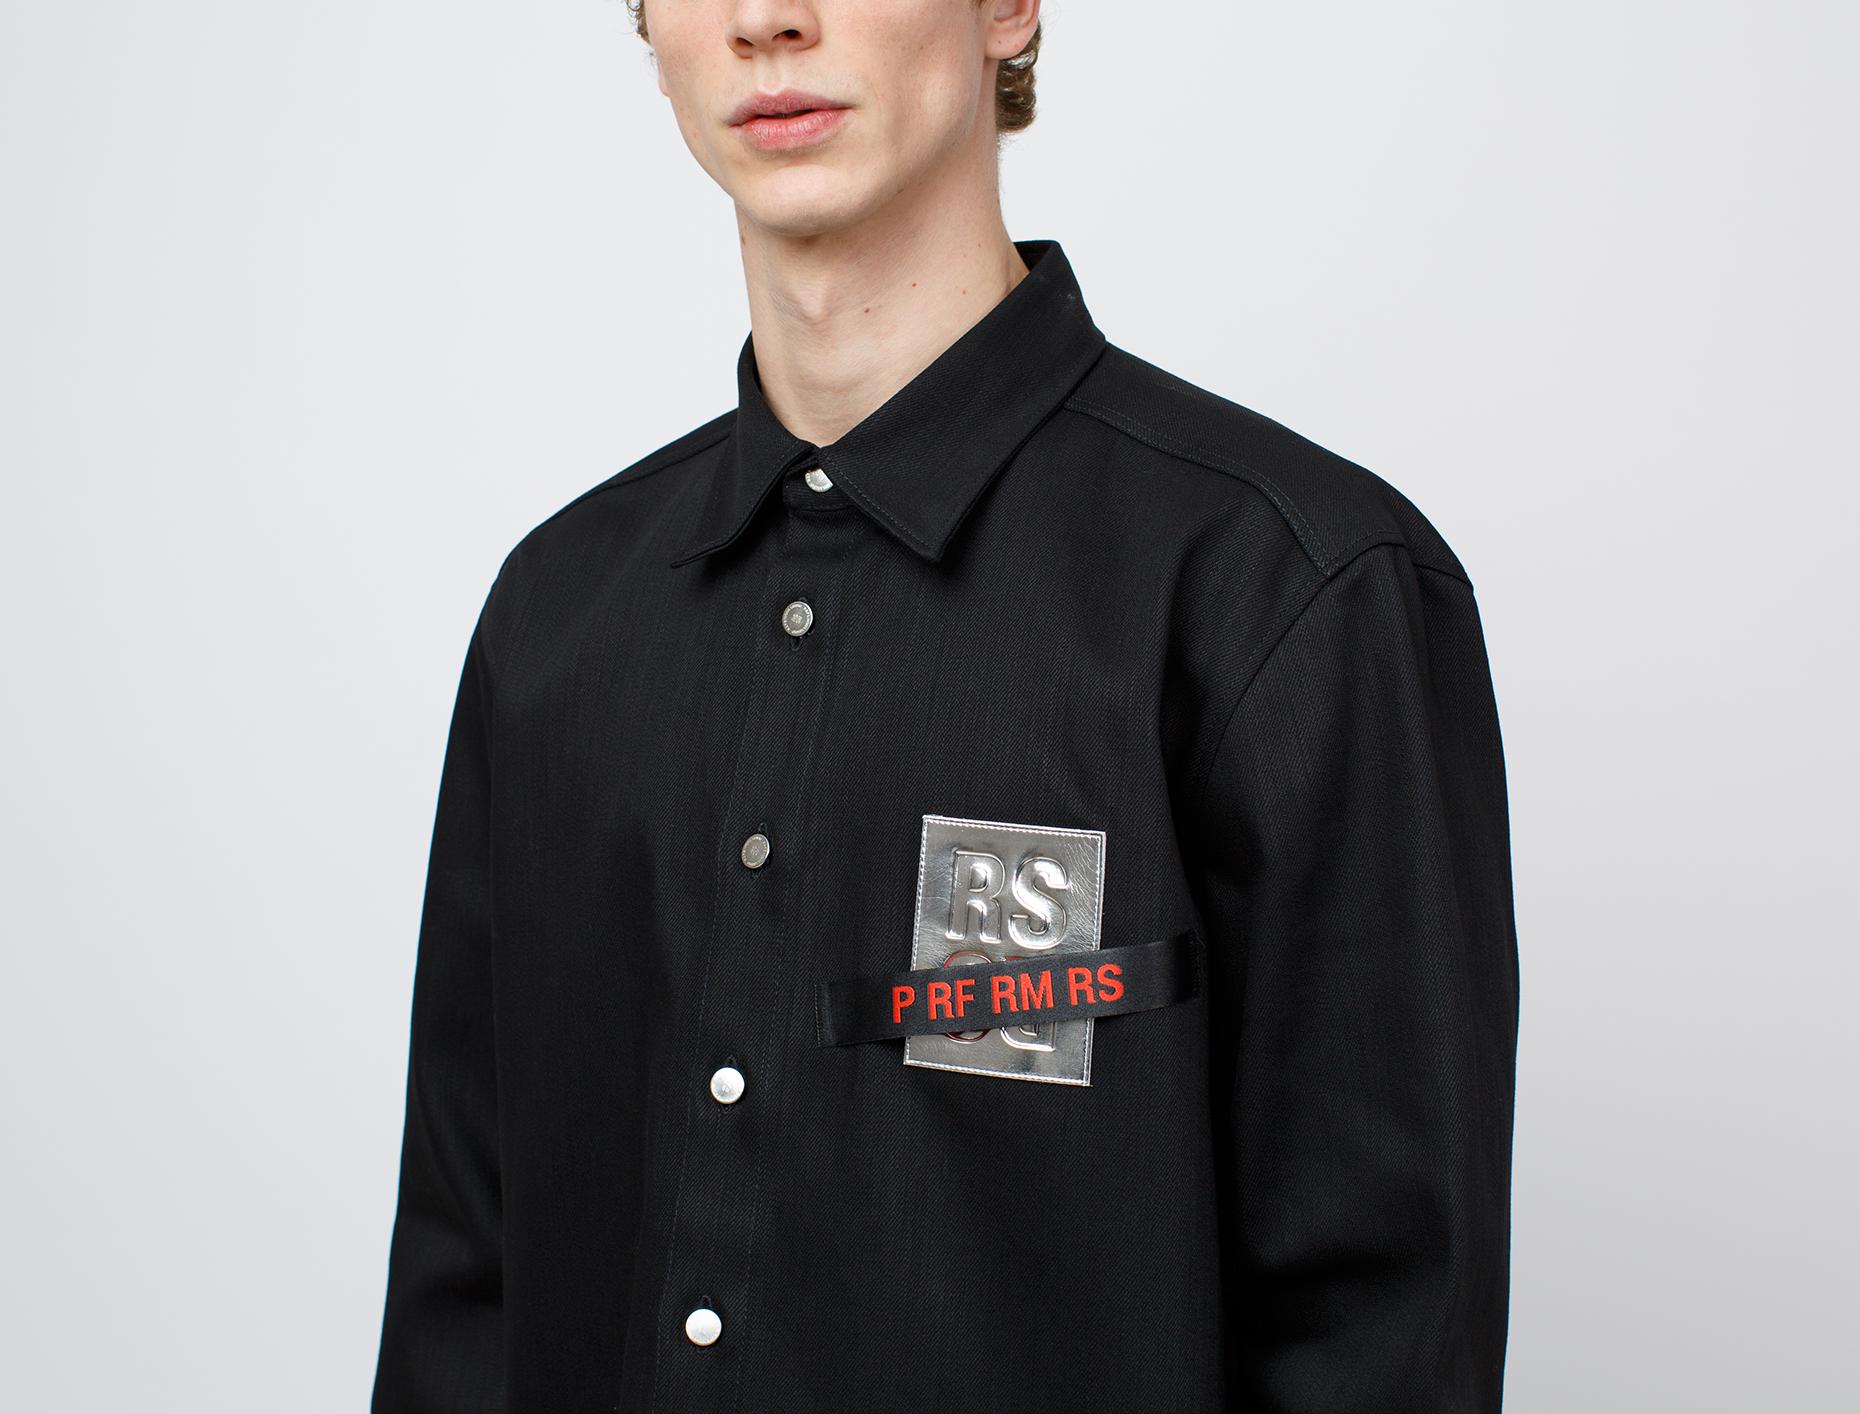 d41a41cea6 Raf simons carry over denim shirt voo store berlin worldwide jpg 1860x1414 Raf  simons jacket